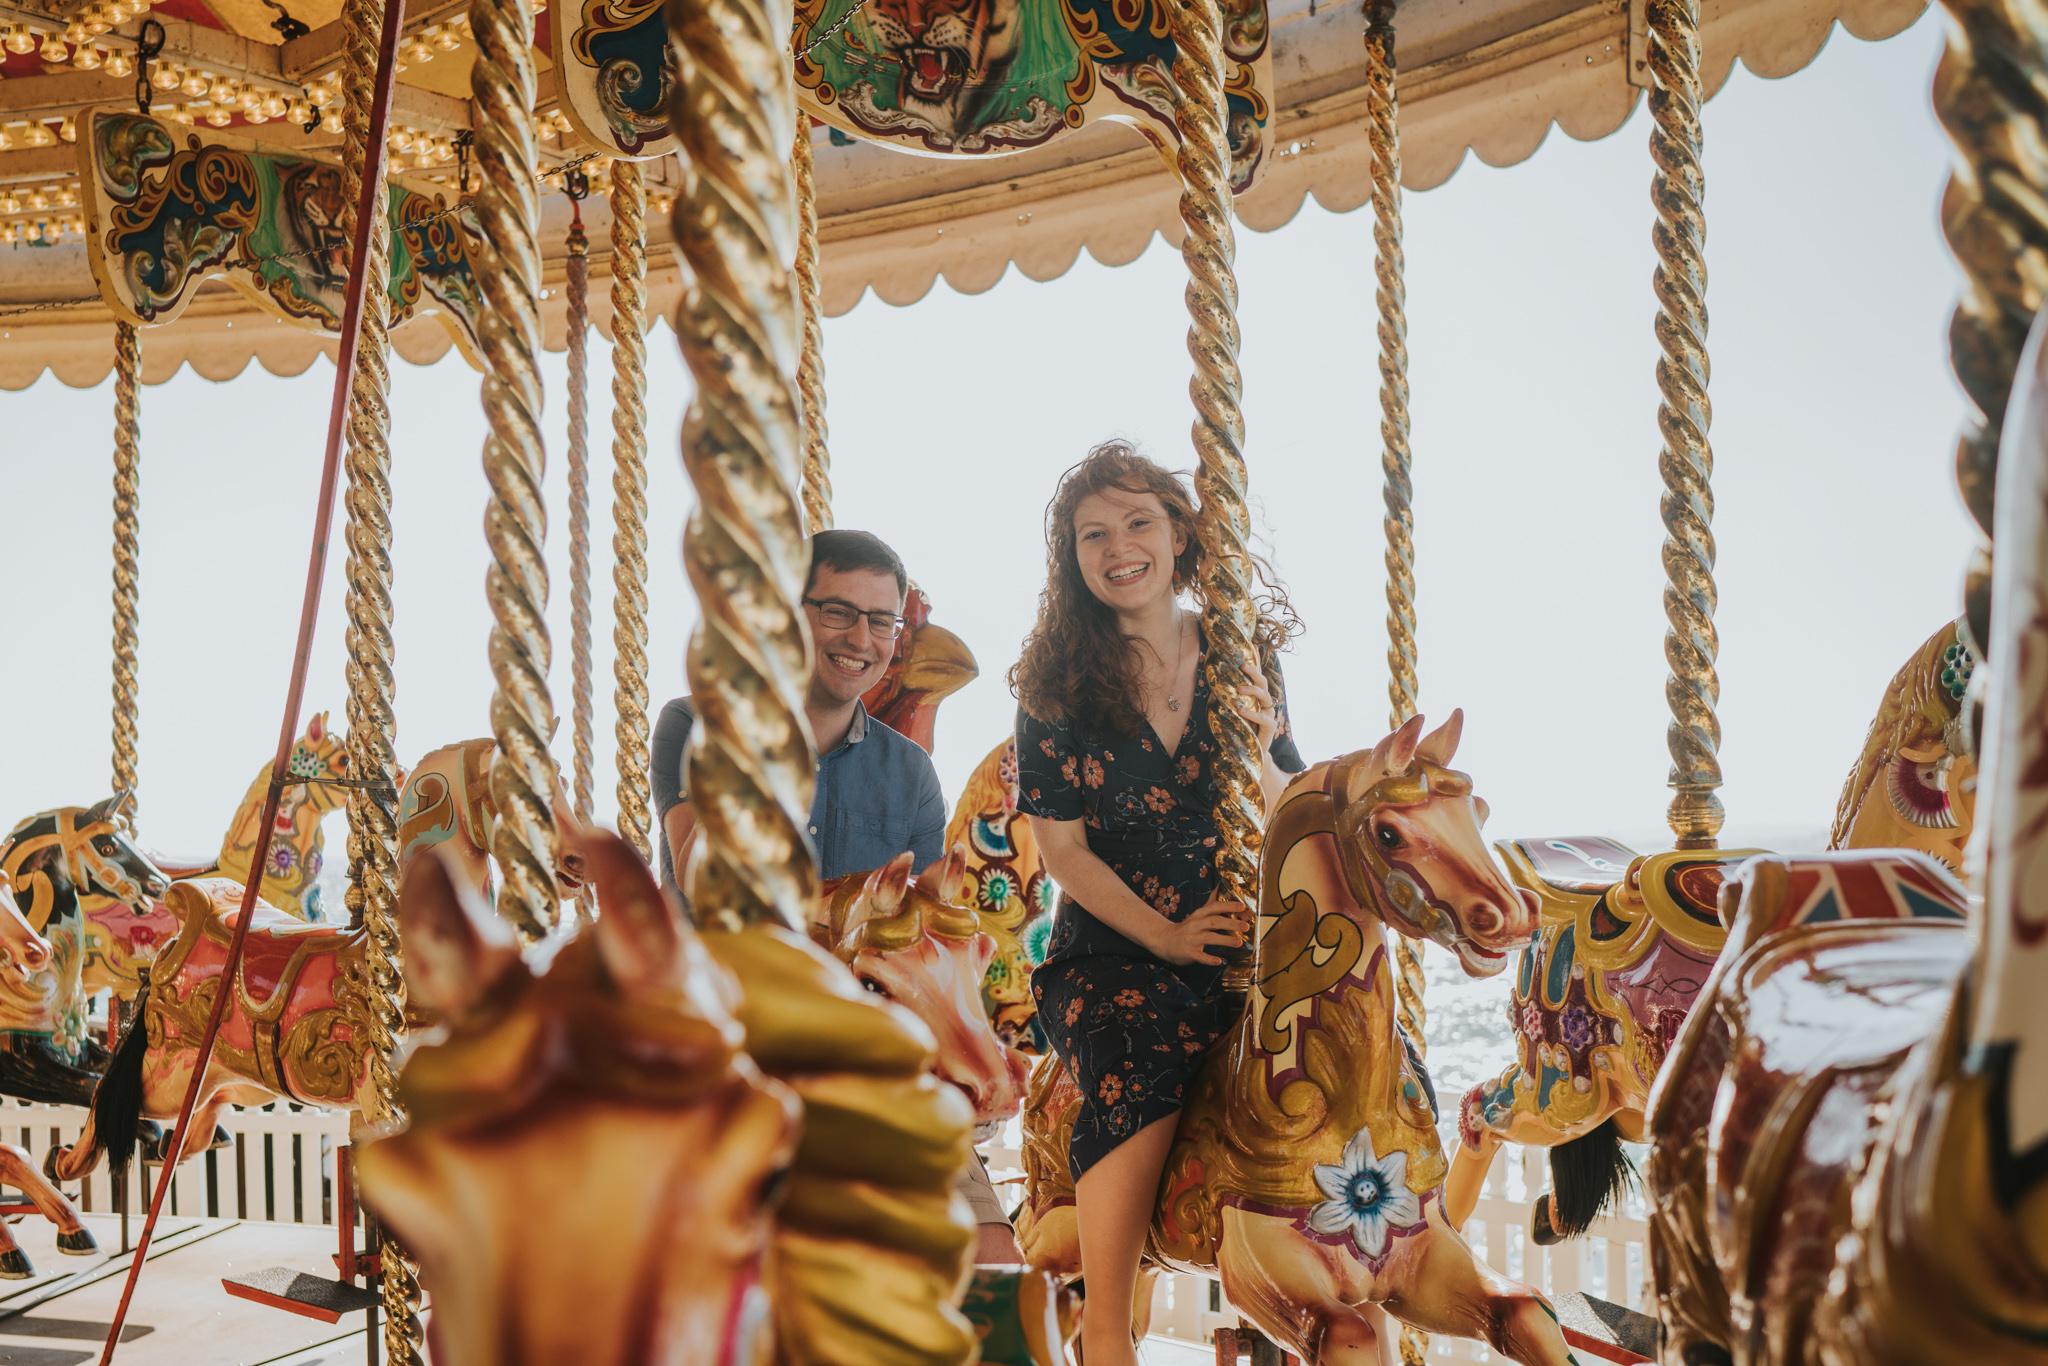 philippa-mark-pre-wedding-session-brighton-pier-colchester-grace-elizabeth-colchester-essex-alternative-wedding-lifestyle-photographer-essex-suffolk-norfolk-devon-15.jpg